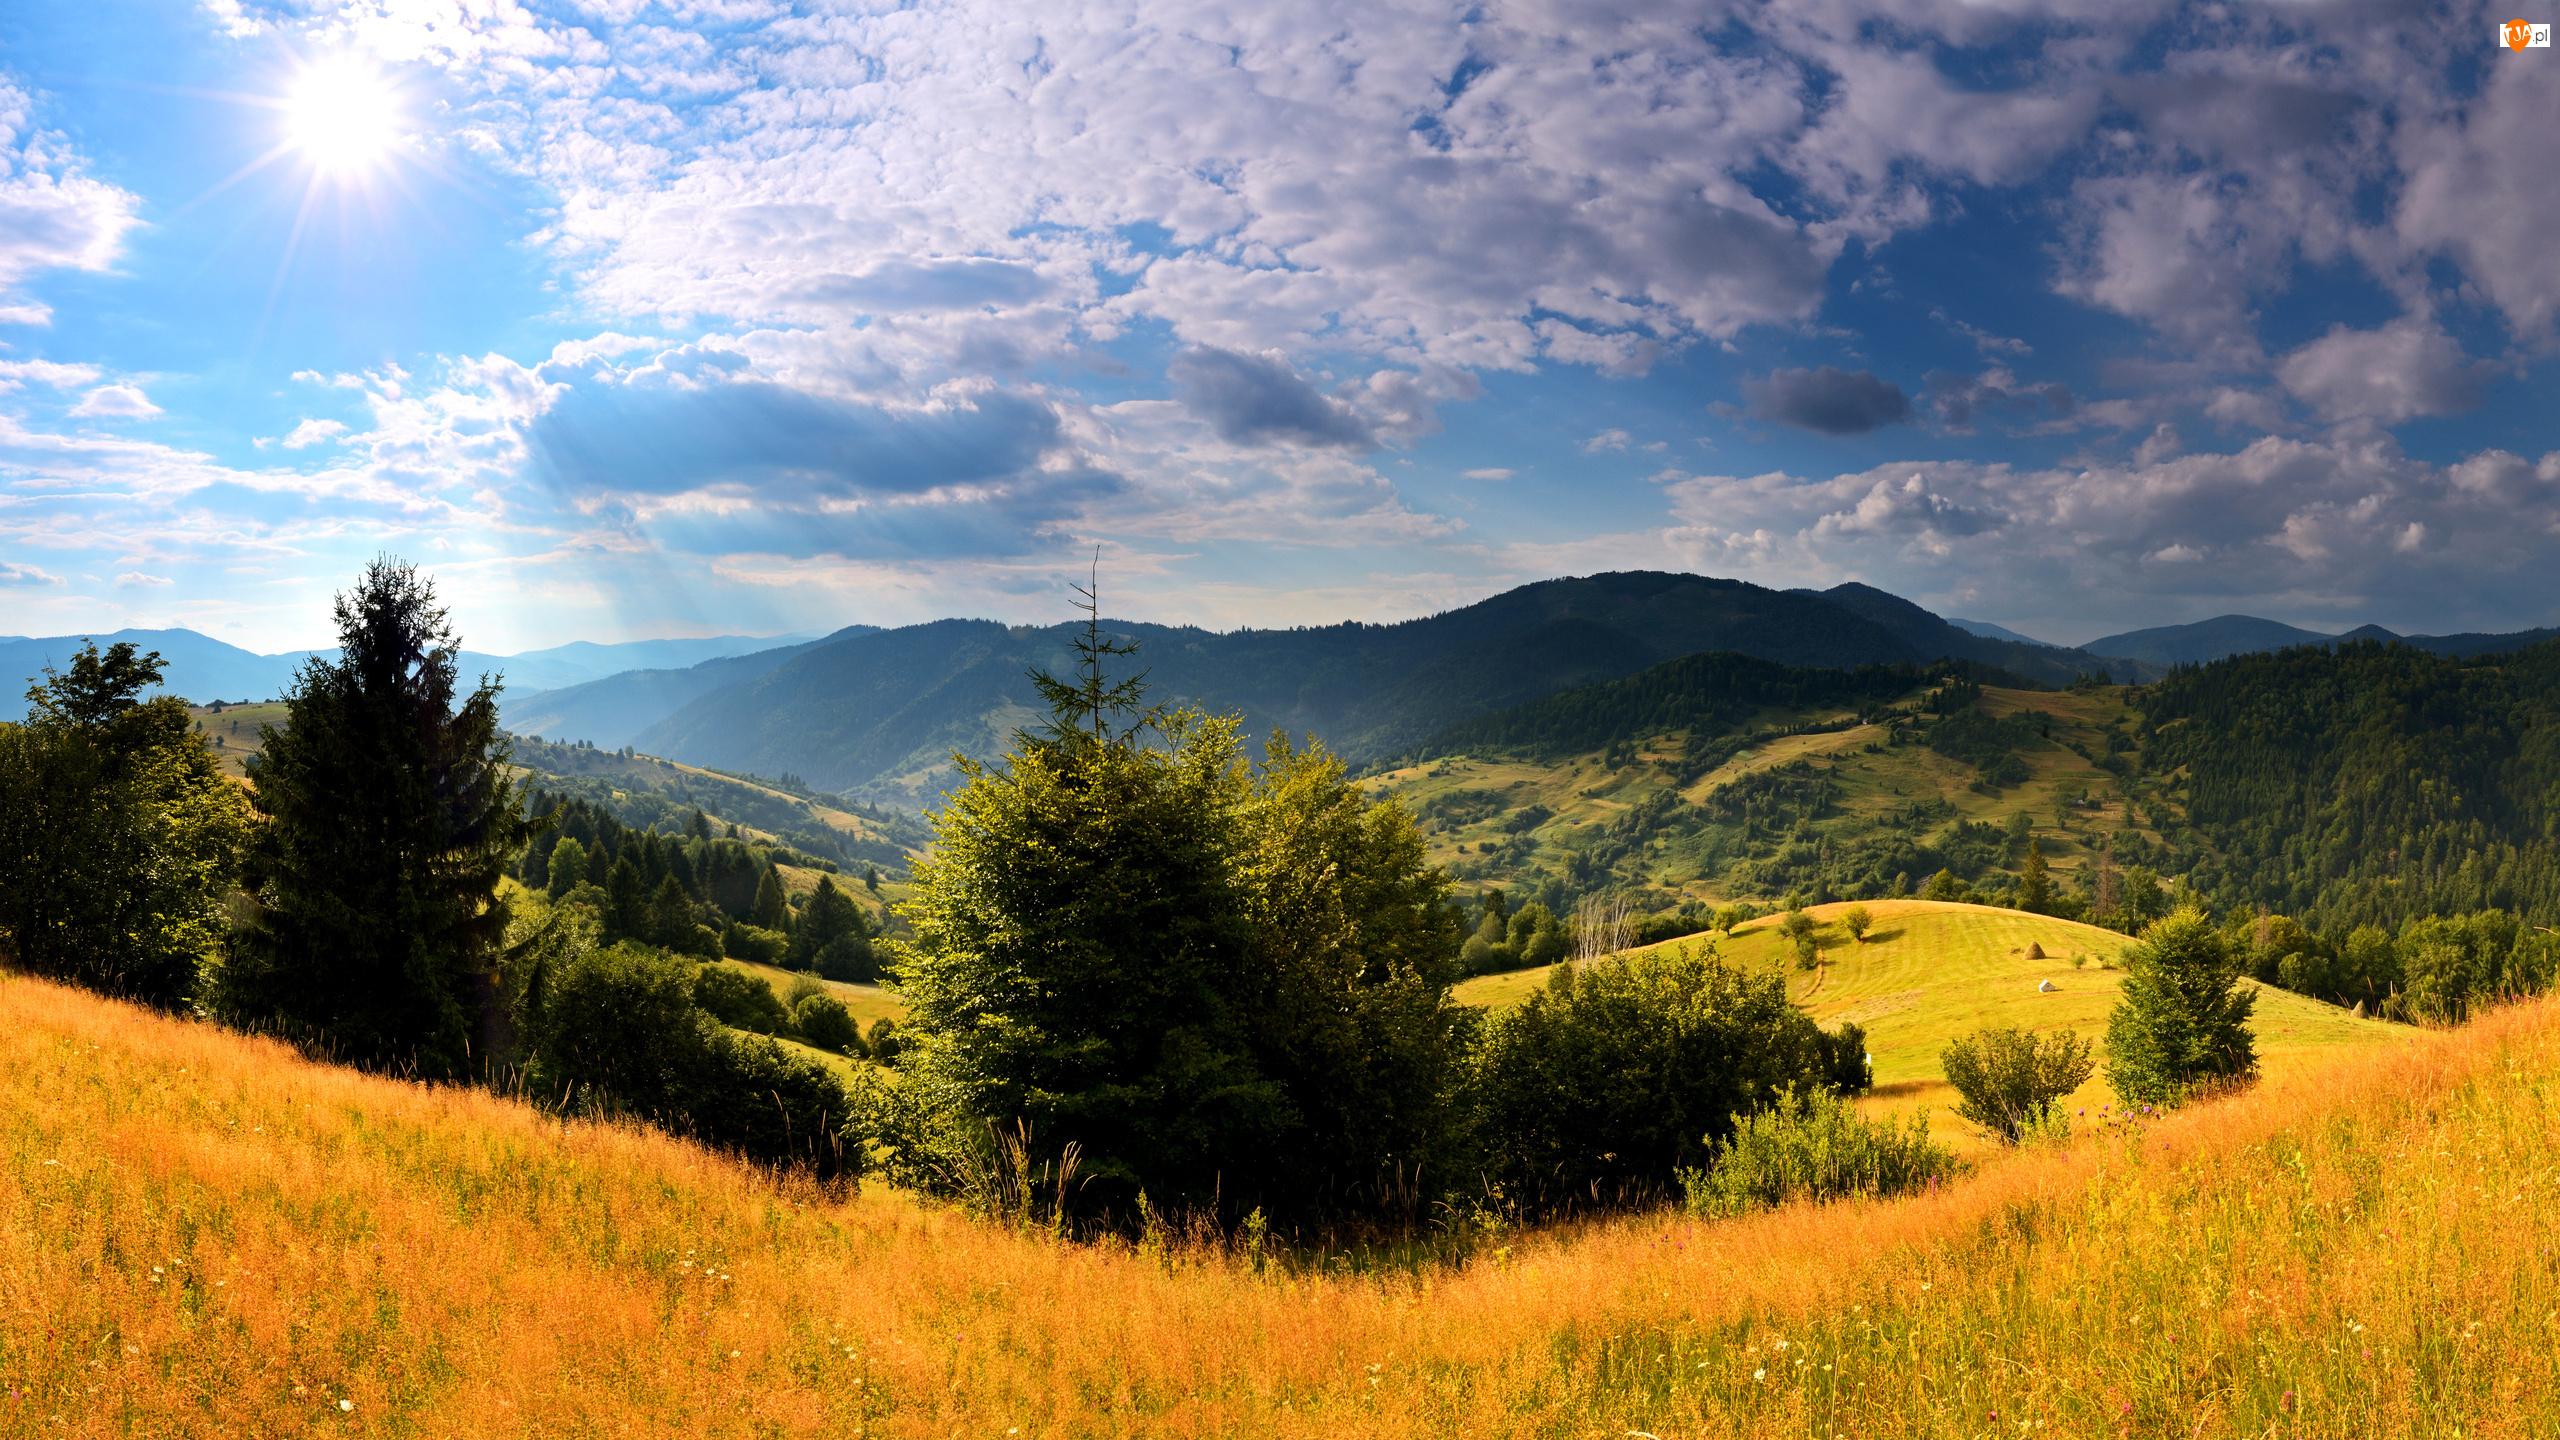 Promienie Słońca, Ukraina, Góry, Jesień, Karpaty